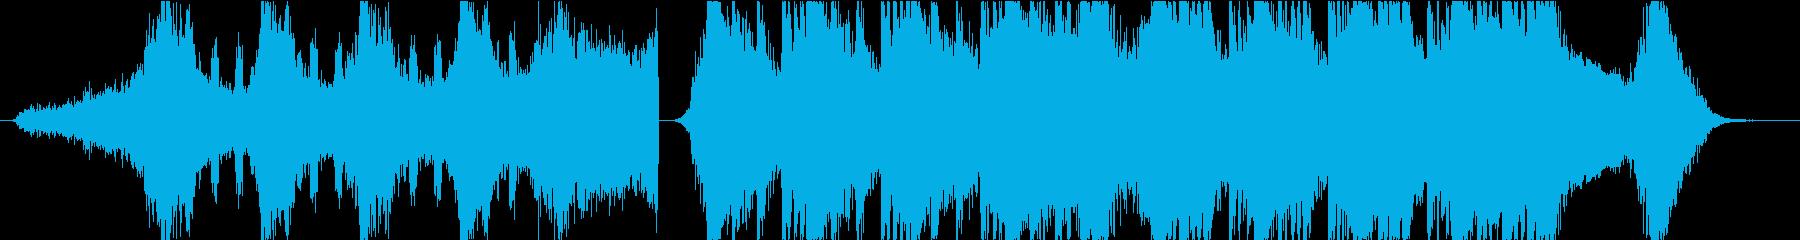 Horror Musicの再生済みの波形